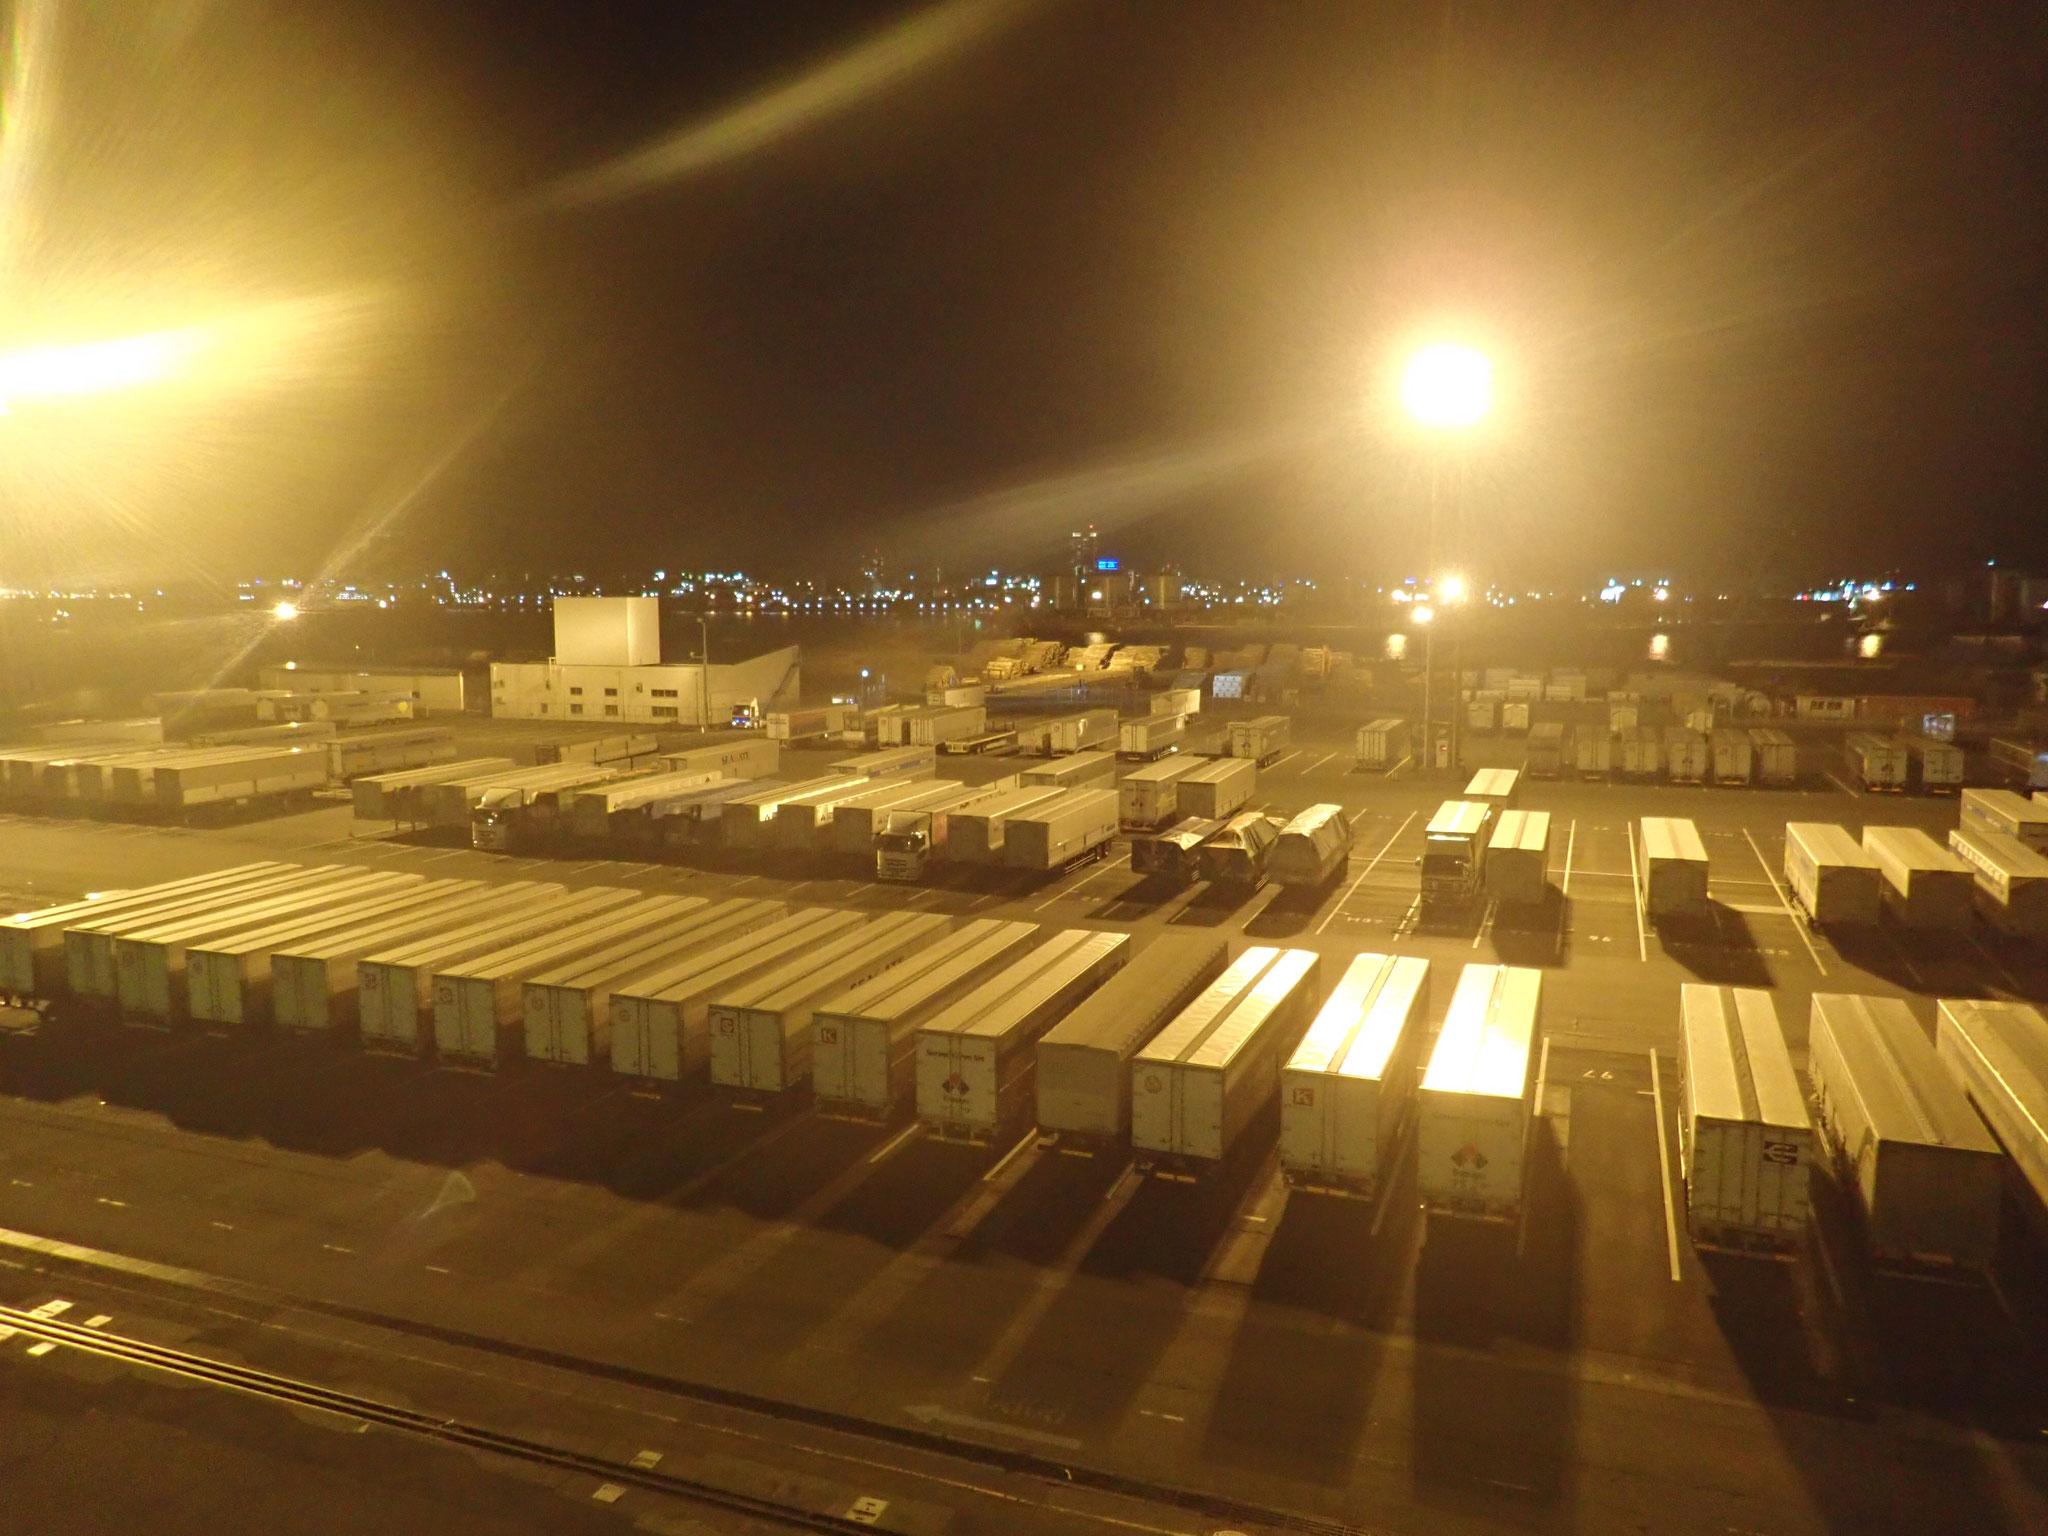 清水港から運ばれる荷台(シャーシ)です。